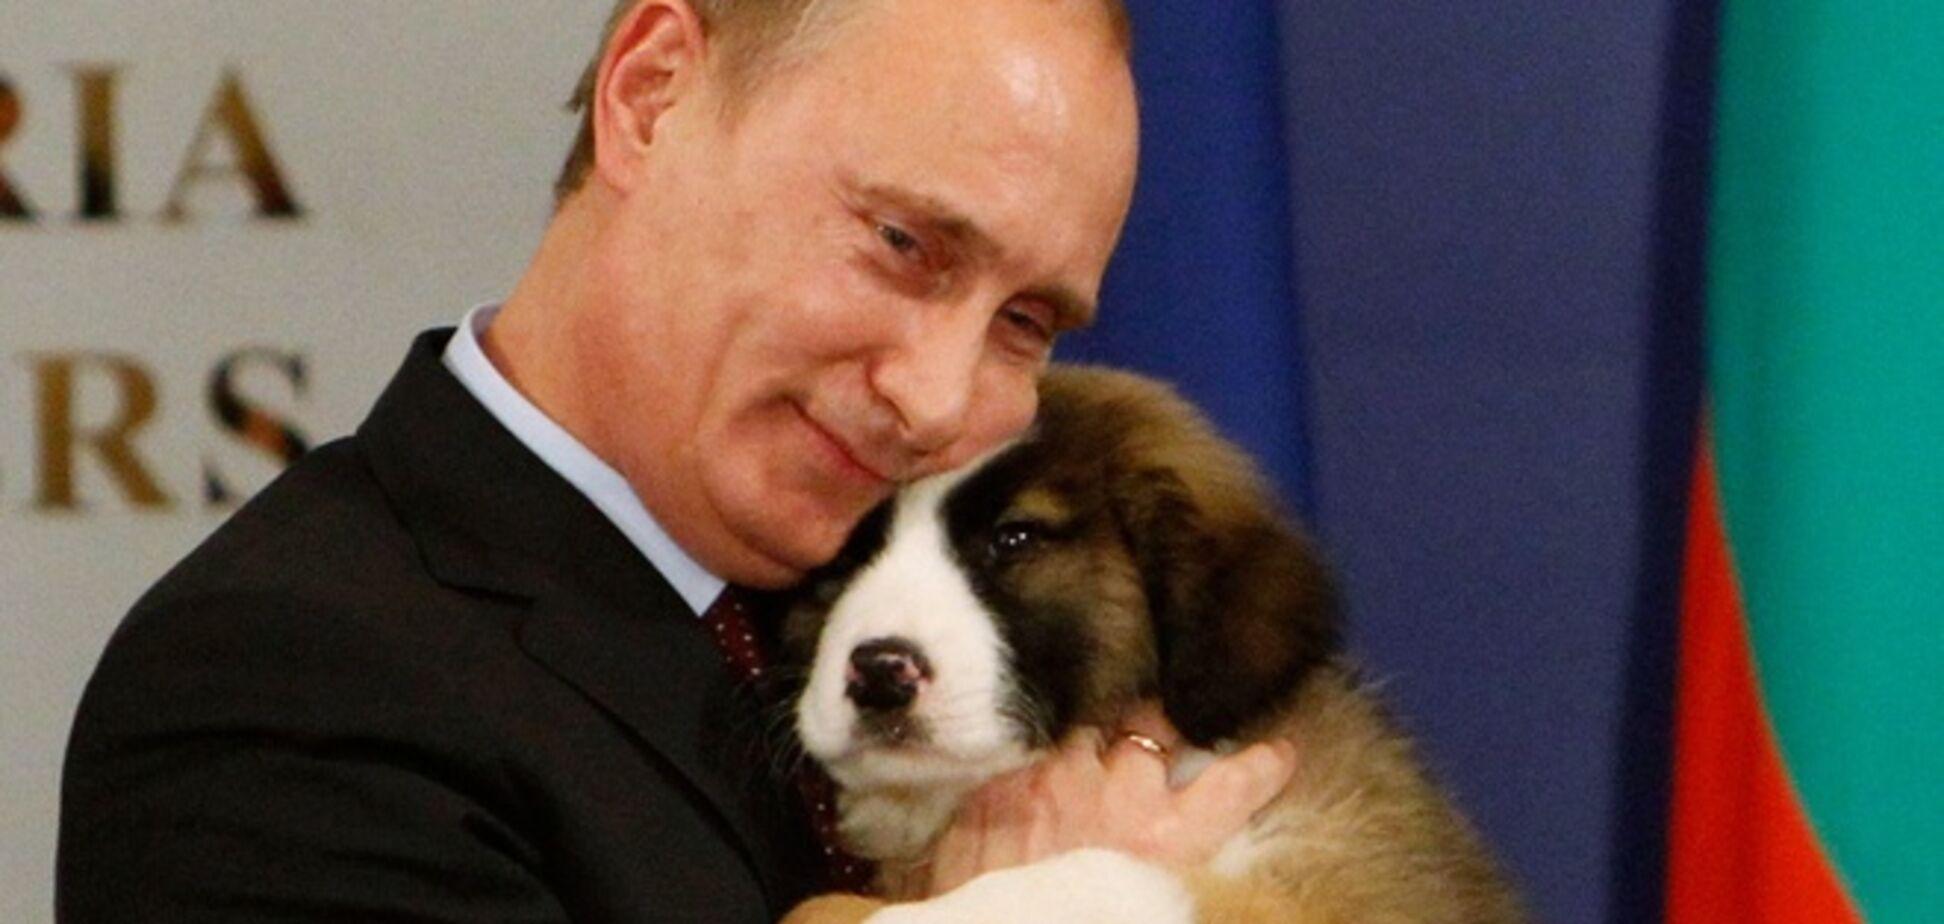 Карпатская колдунья озвучила пророчество для Путина и Украины